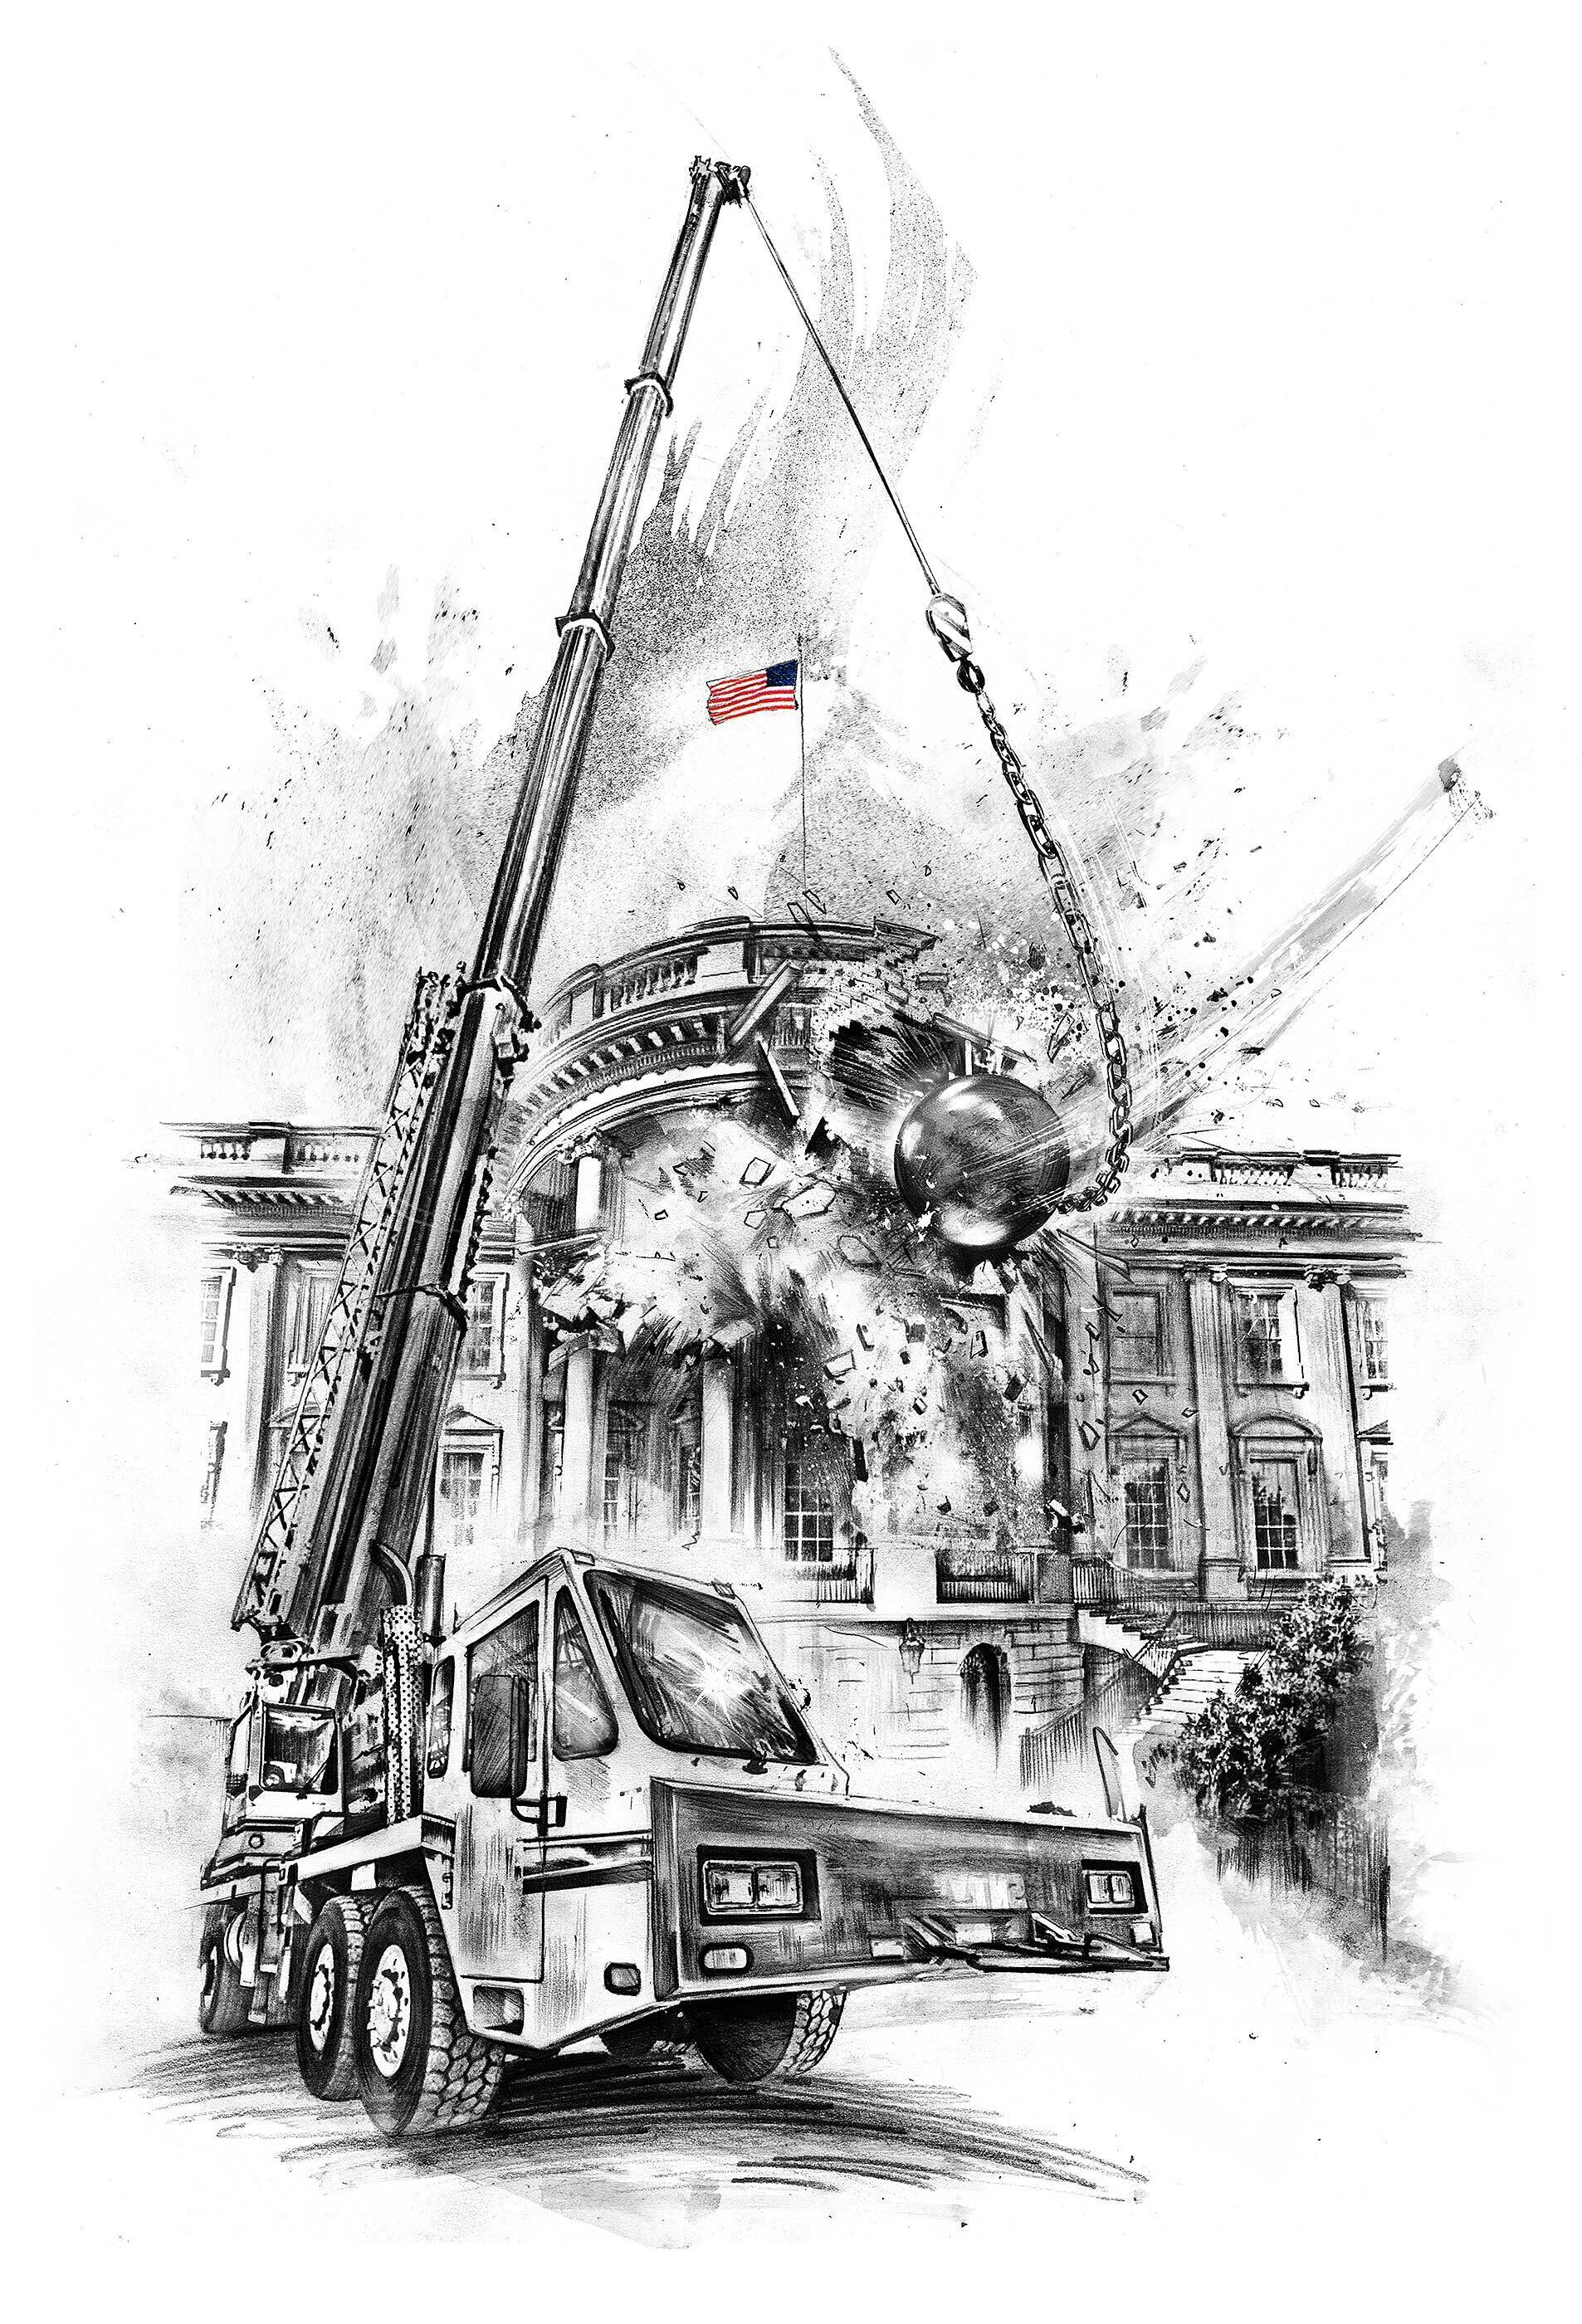 White house demolation illustration - Kornel Illustration | Kornel Stadler portfolio